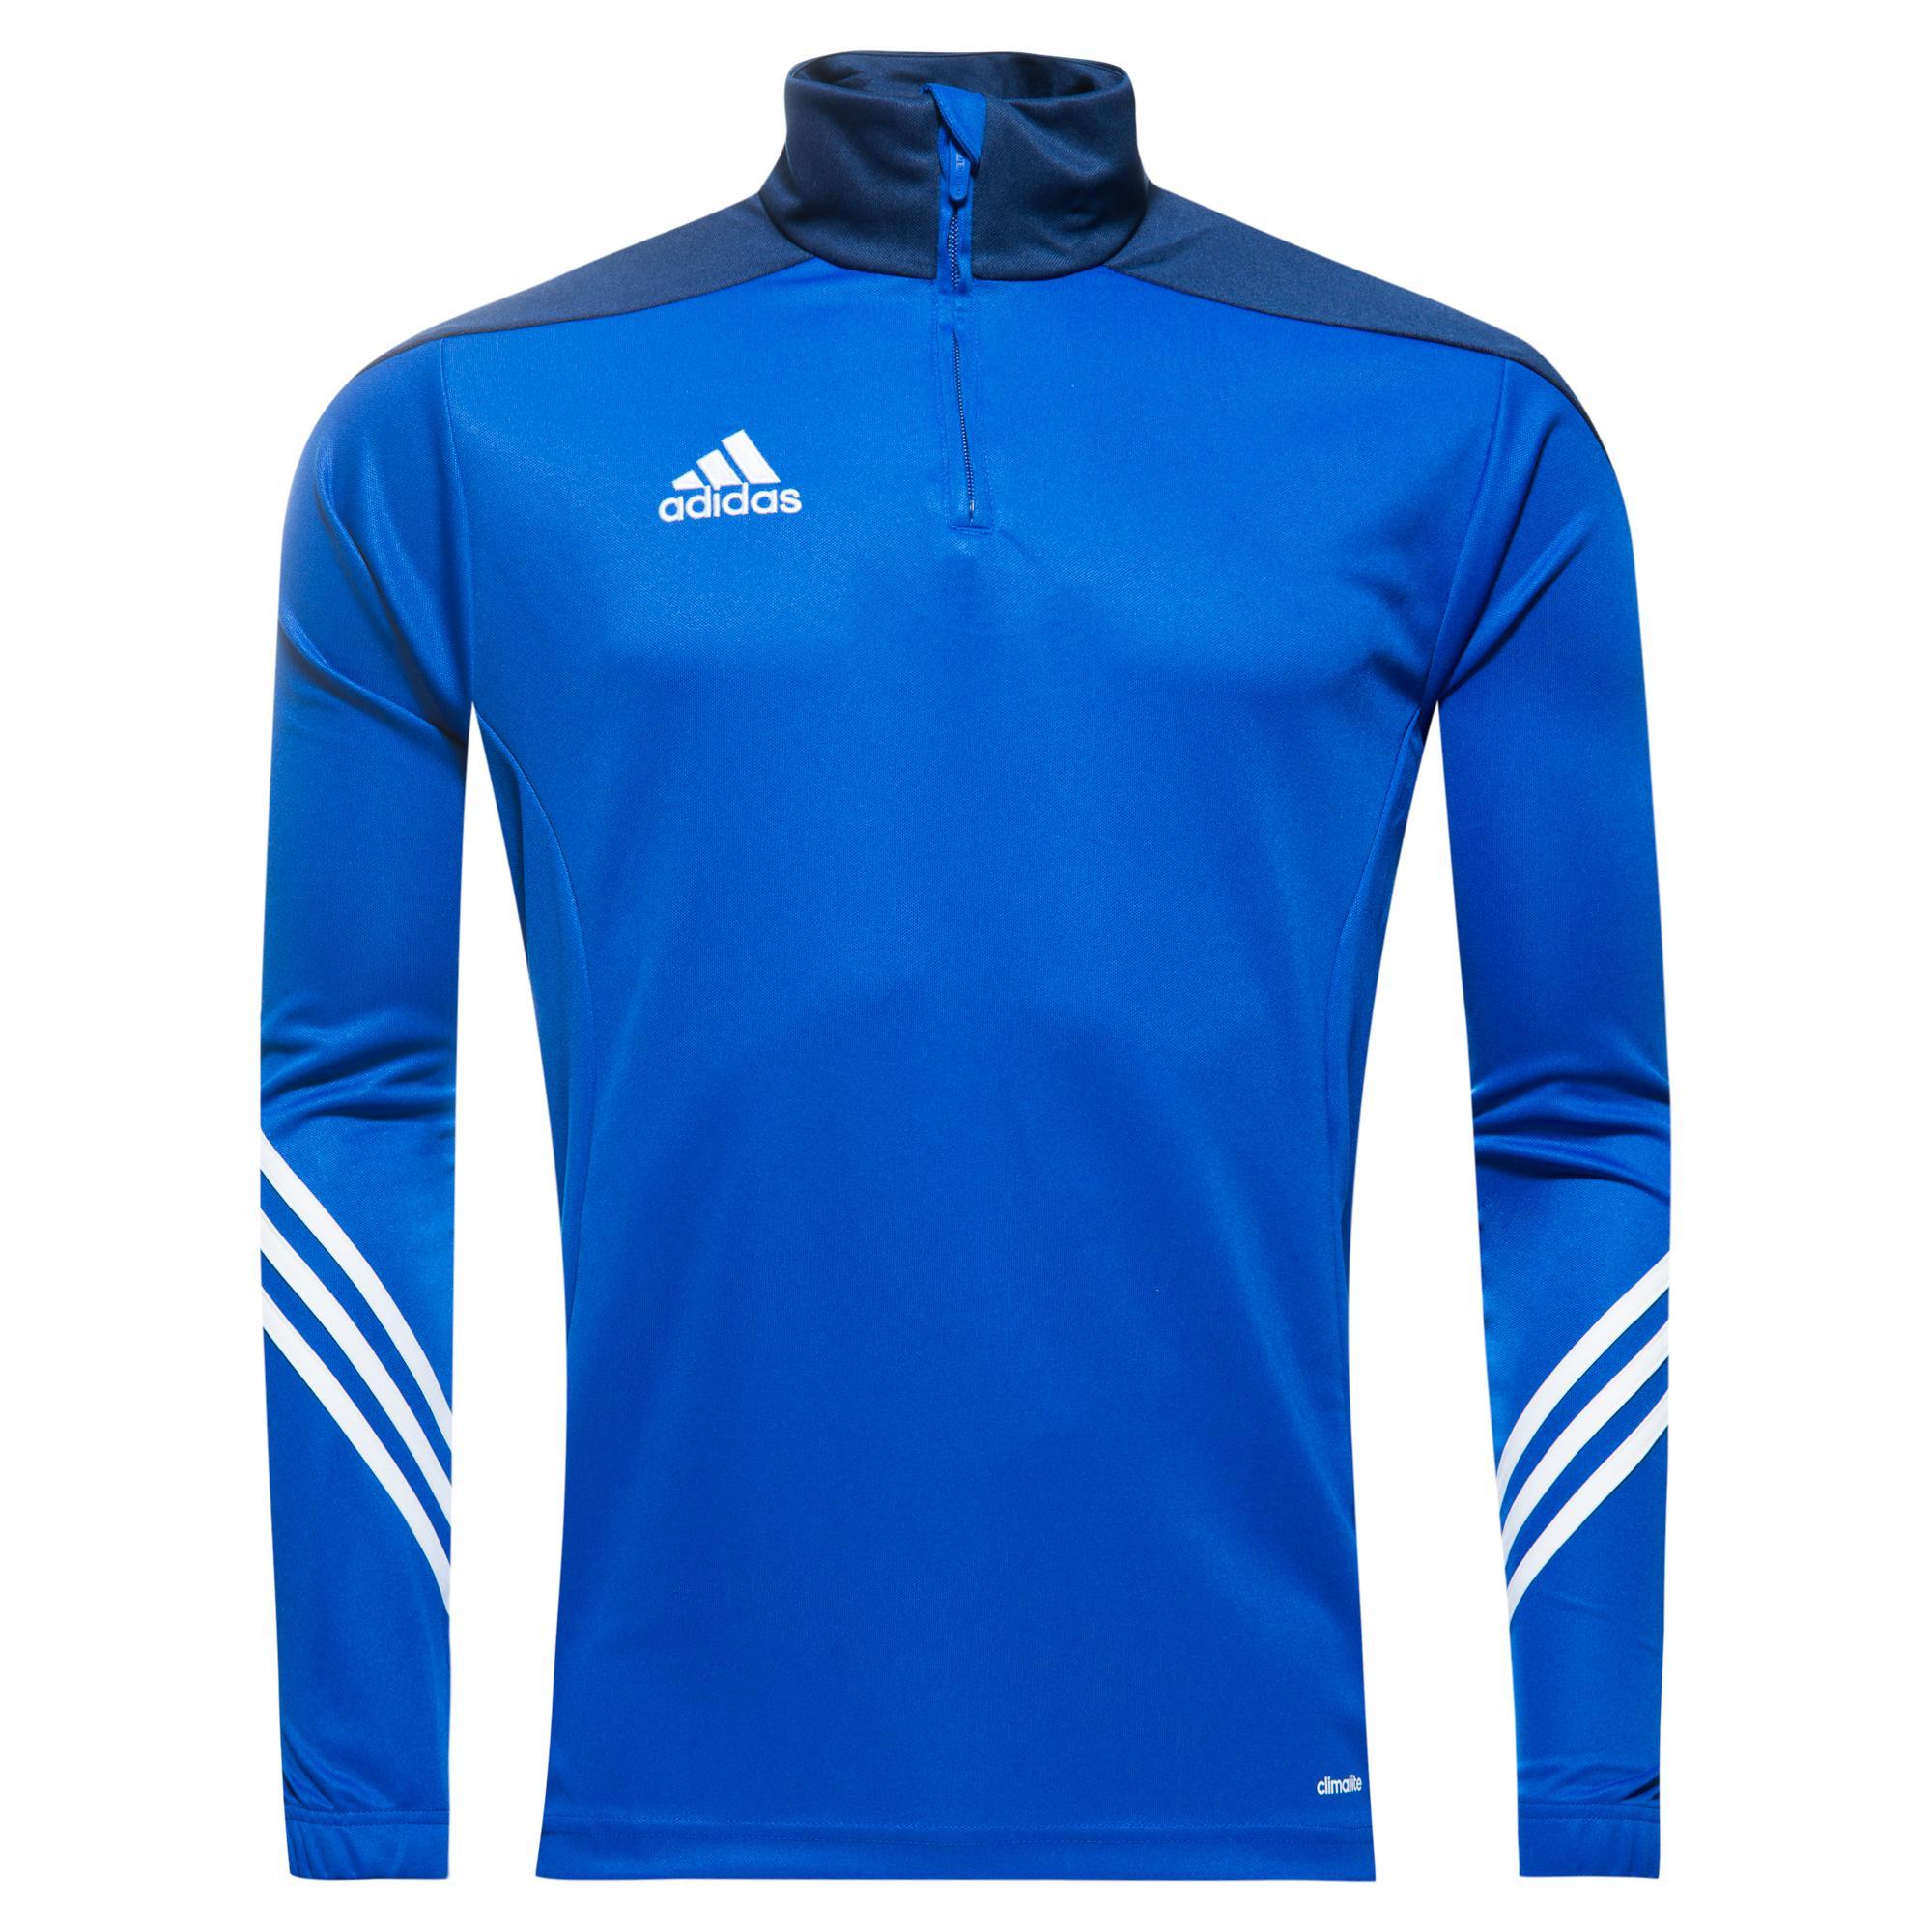 adidas Sweatshirt Sereno 14 Blå